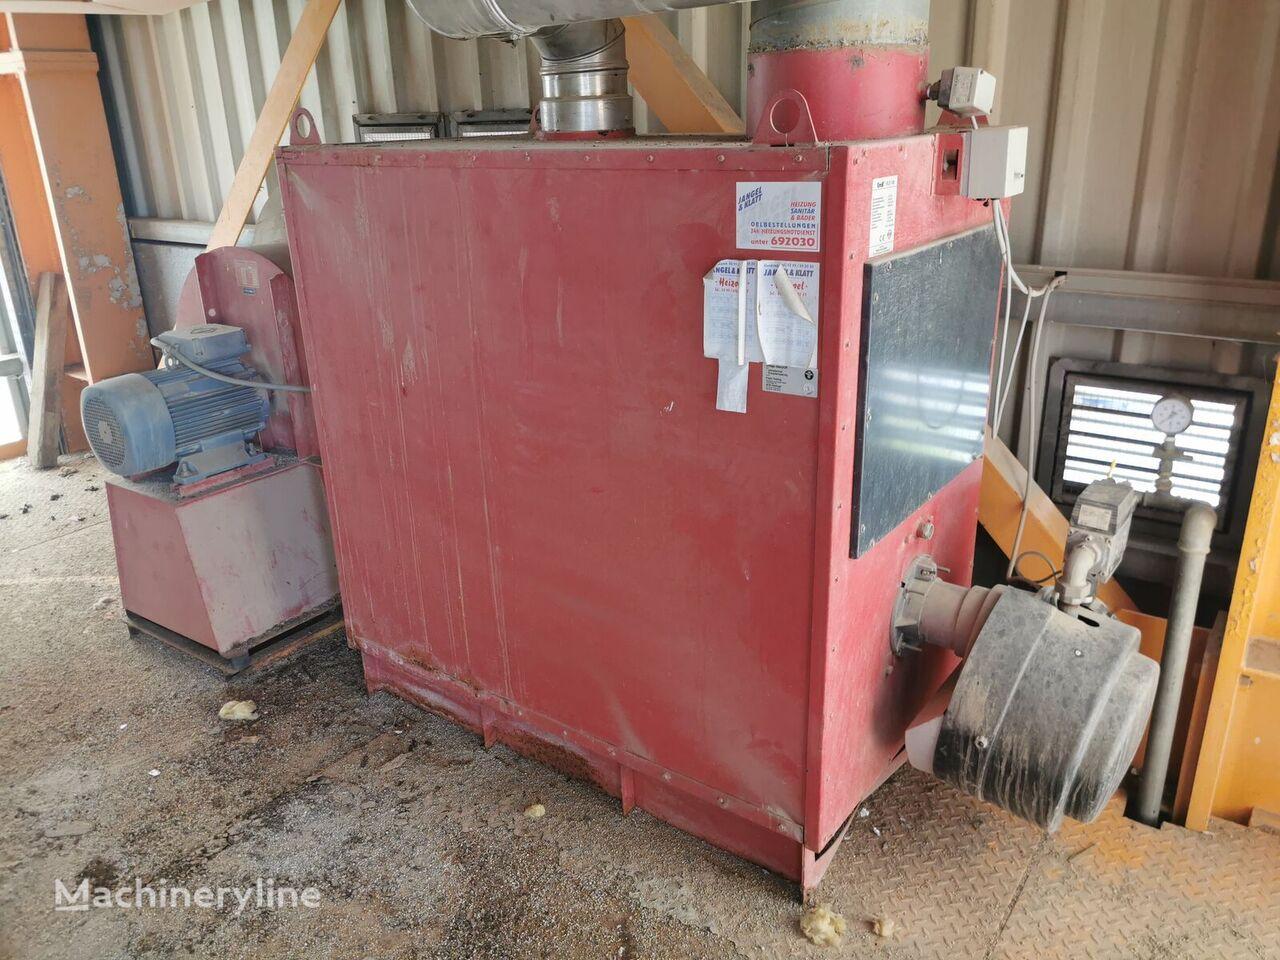 KROLL Warmluftheizung industrial heater